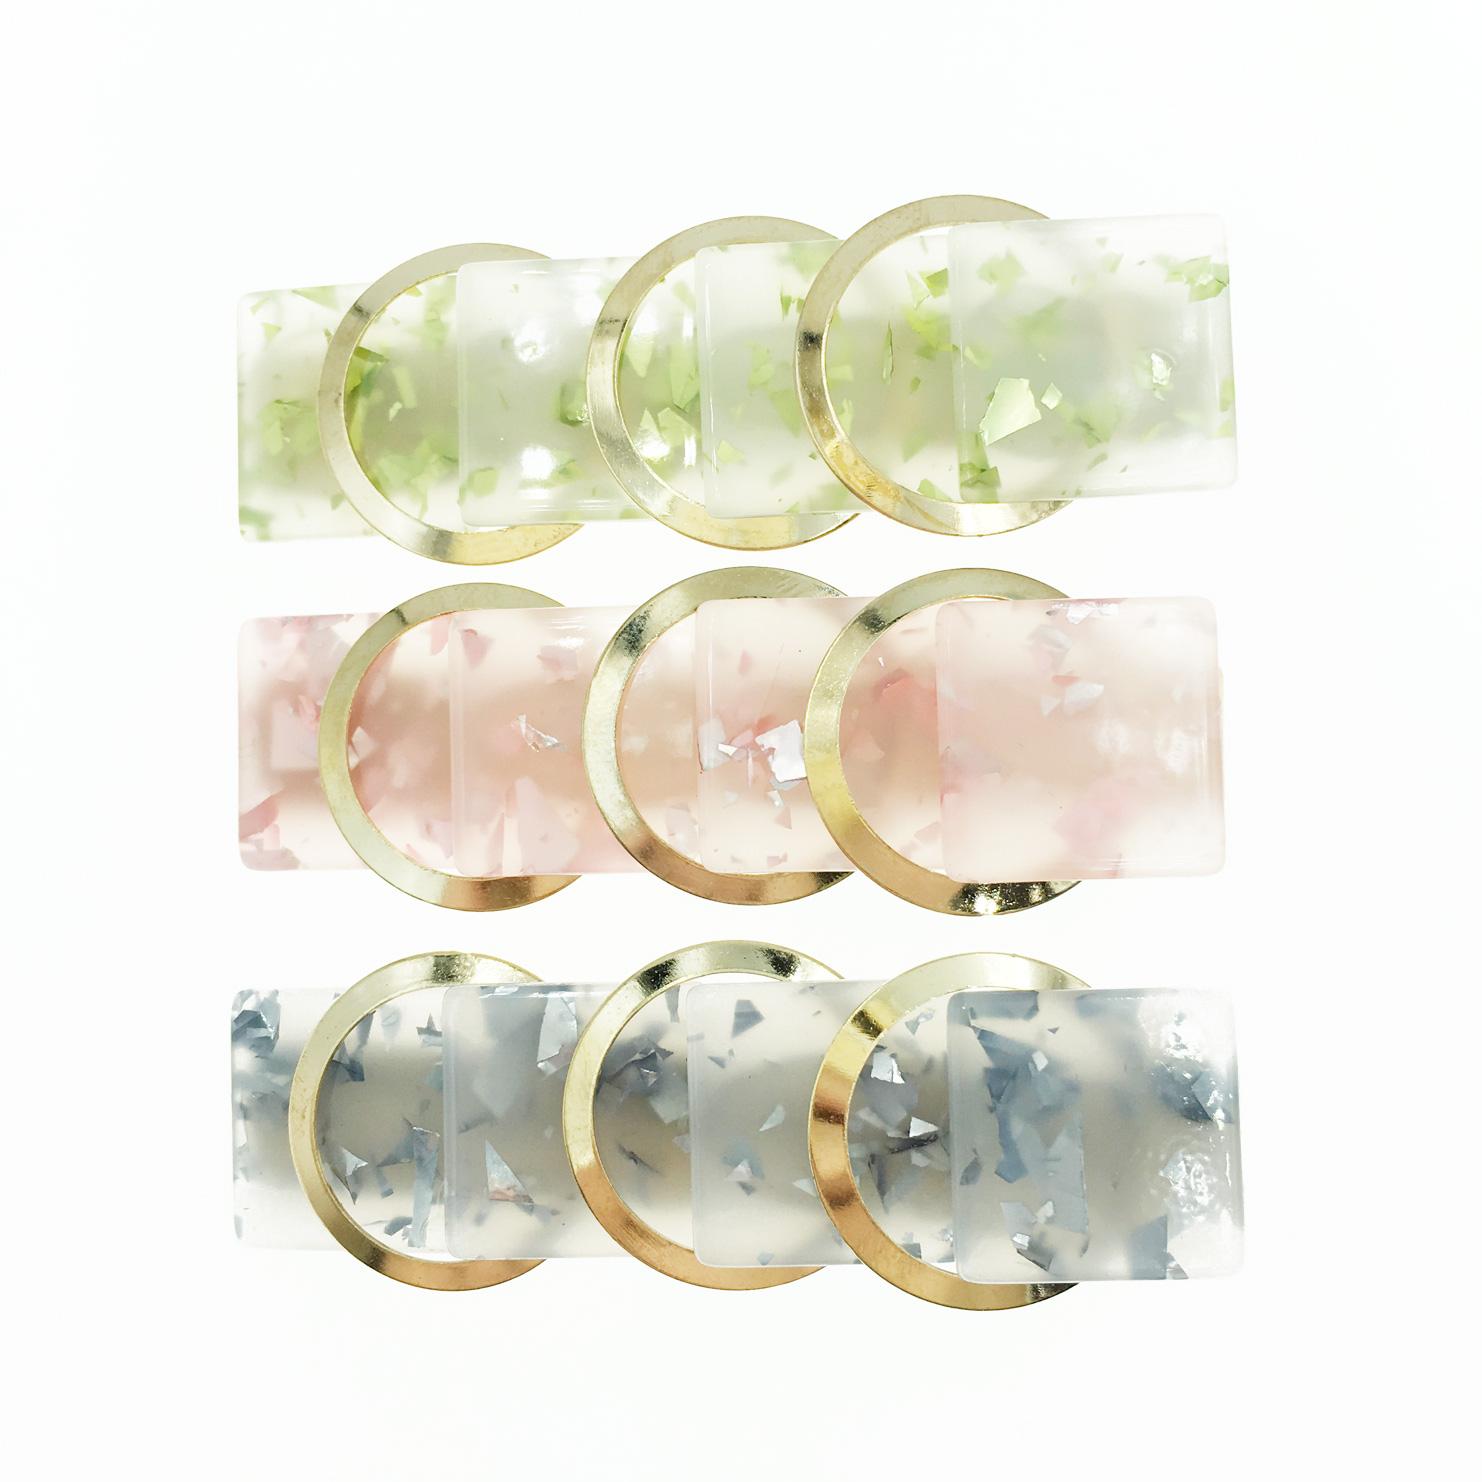 韓國 金圓圈 透色 髮飾 側邊夾 壓夾 髮夾